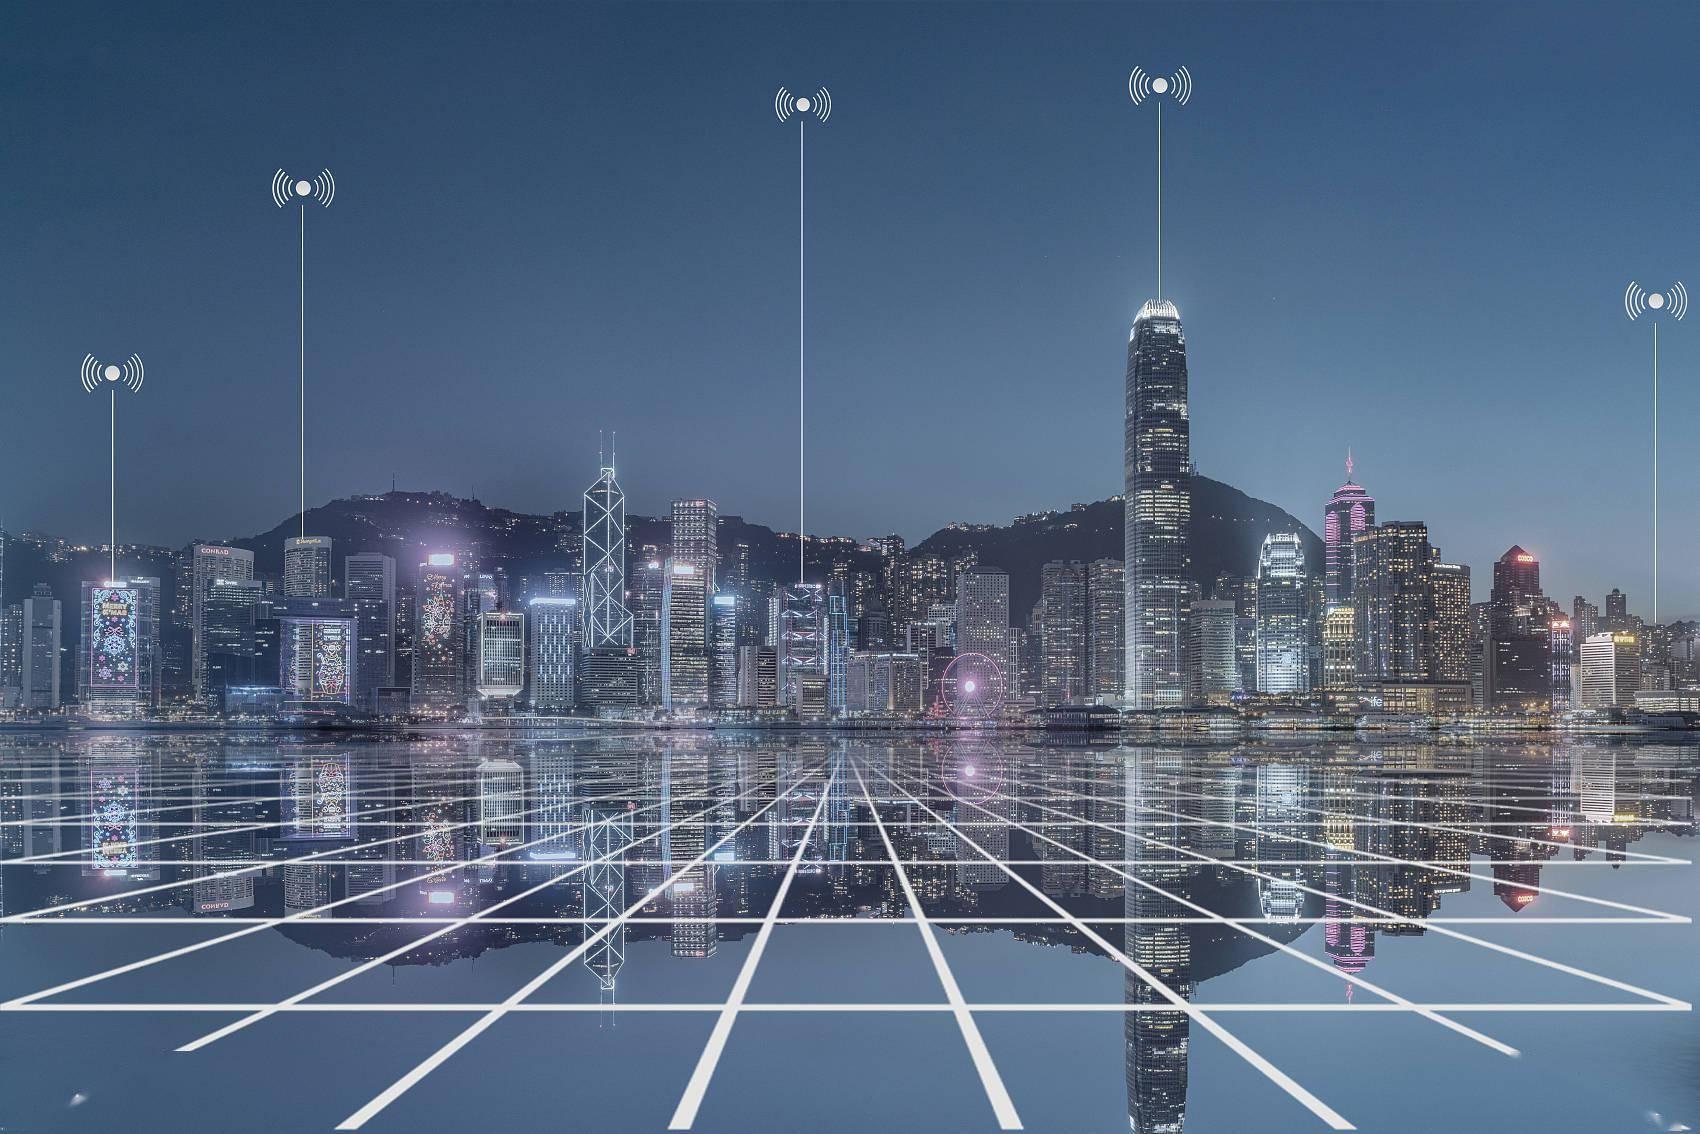 中国最隐形的行业冠军:月入66亿,市占率超97%,5G发展不可替代的依赖